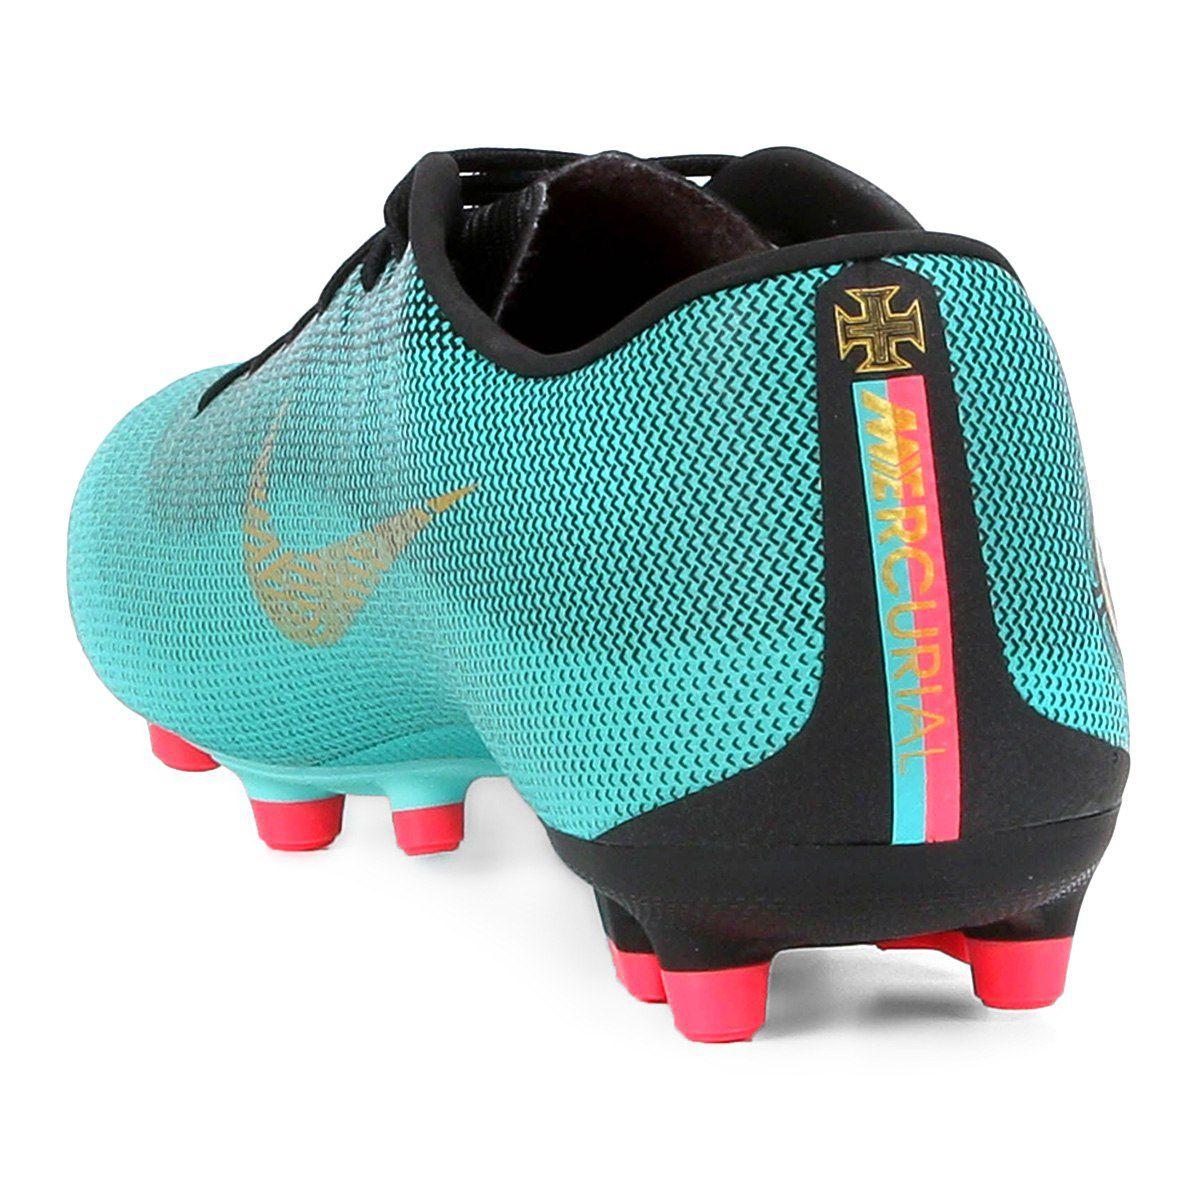 Chuteira Campo Nike Mercurial Vapor 12 Academy Cr7 Mg - BRACIA SHOP ... bf11b688dde31